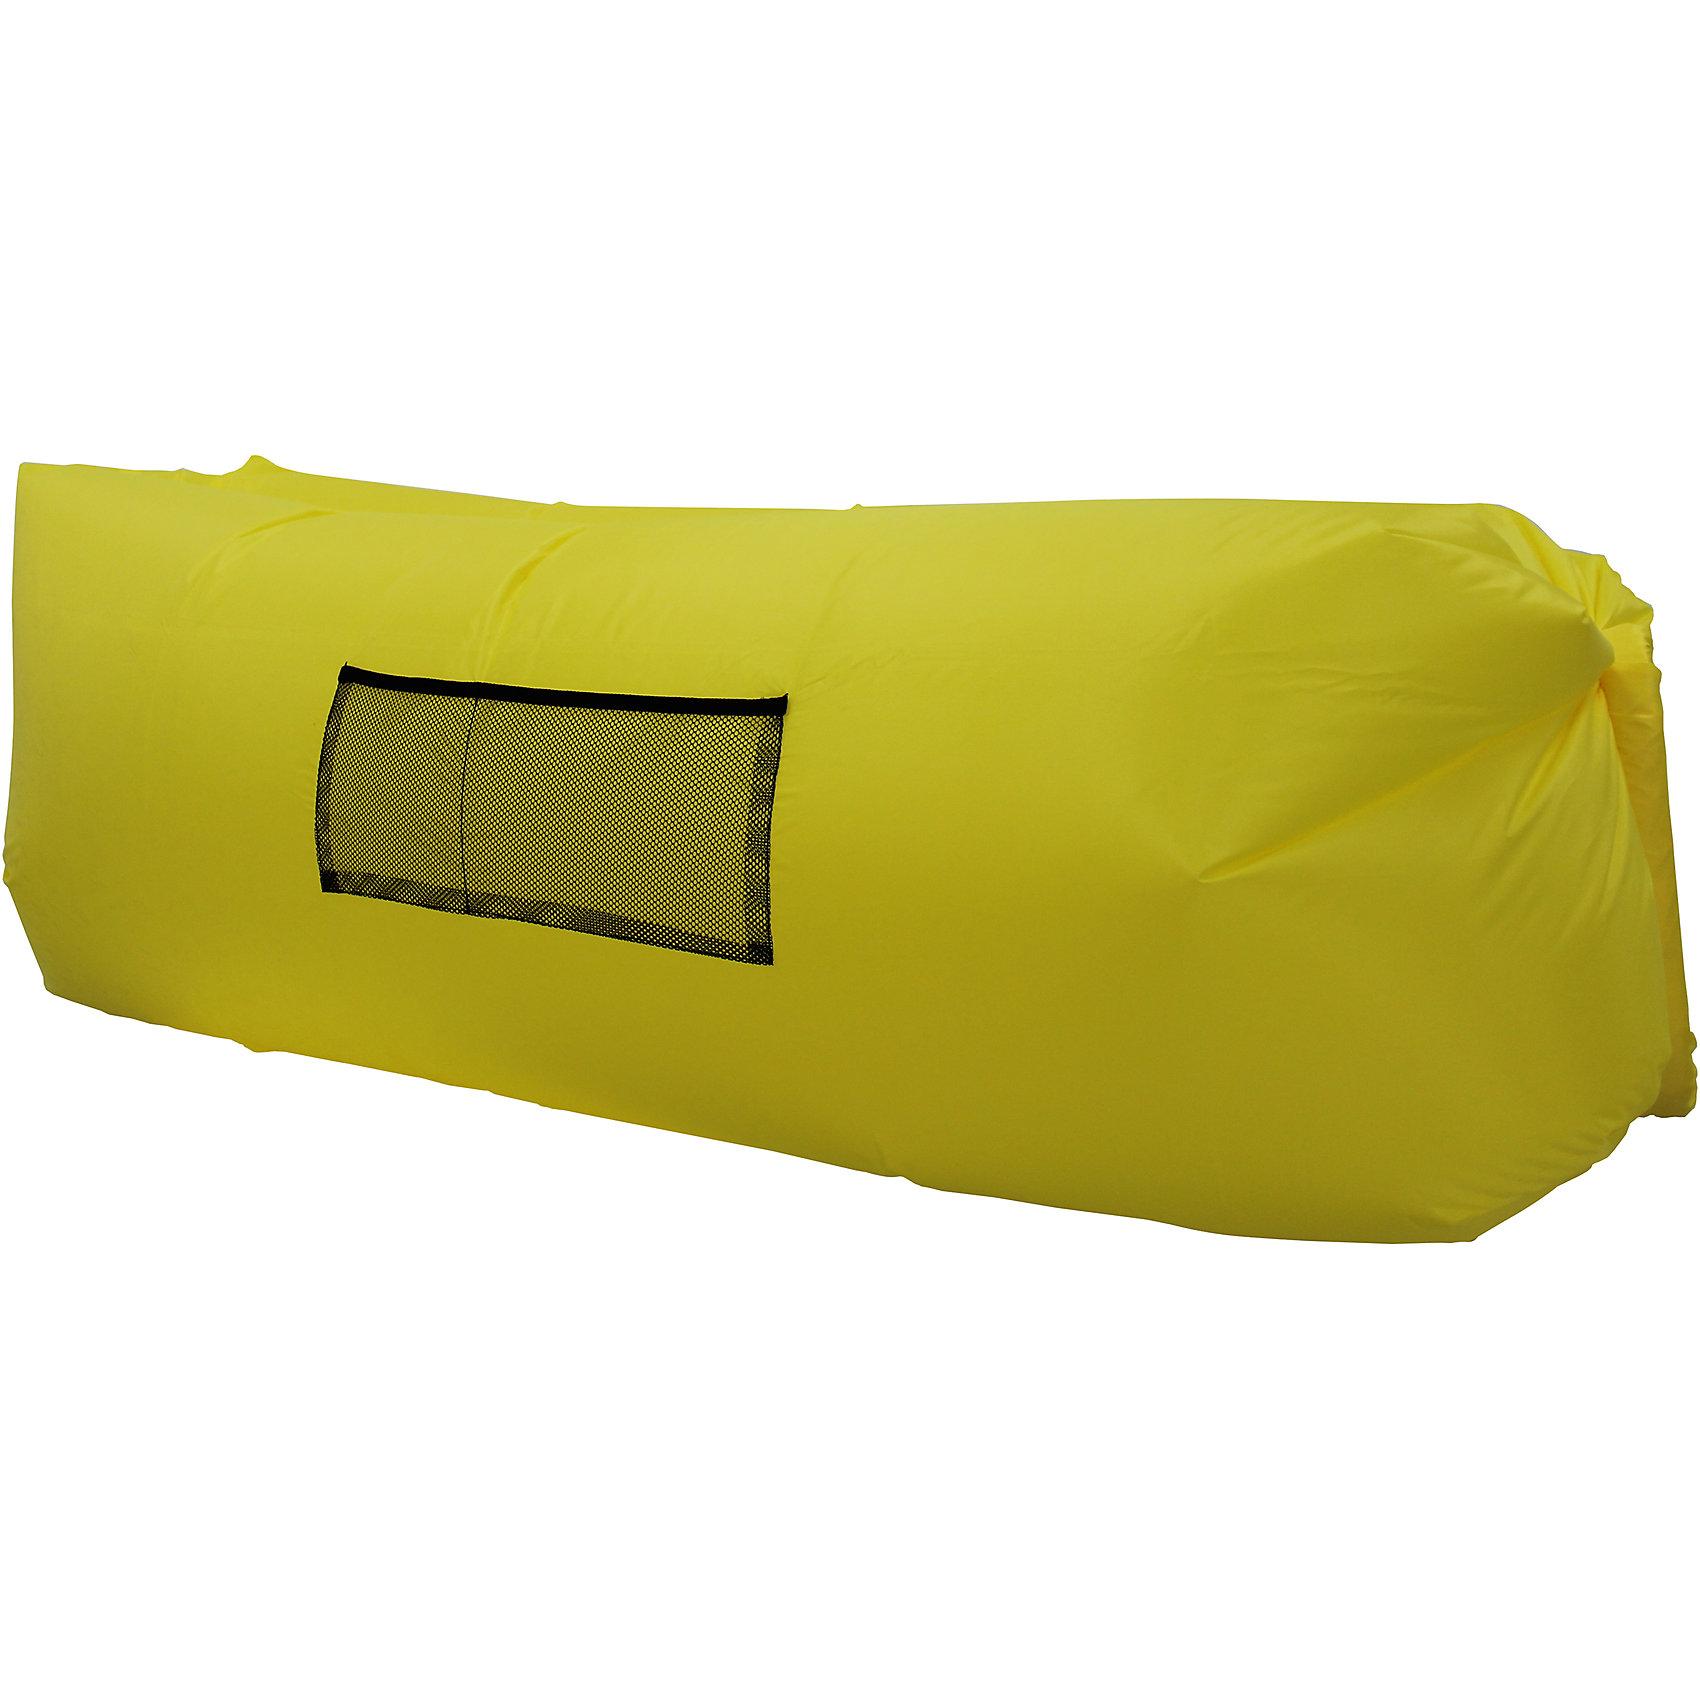 Надувной лежак, желтый